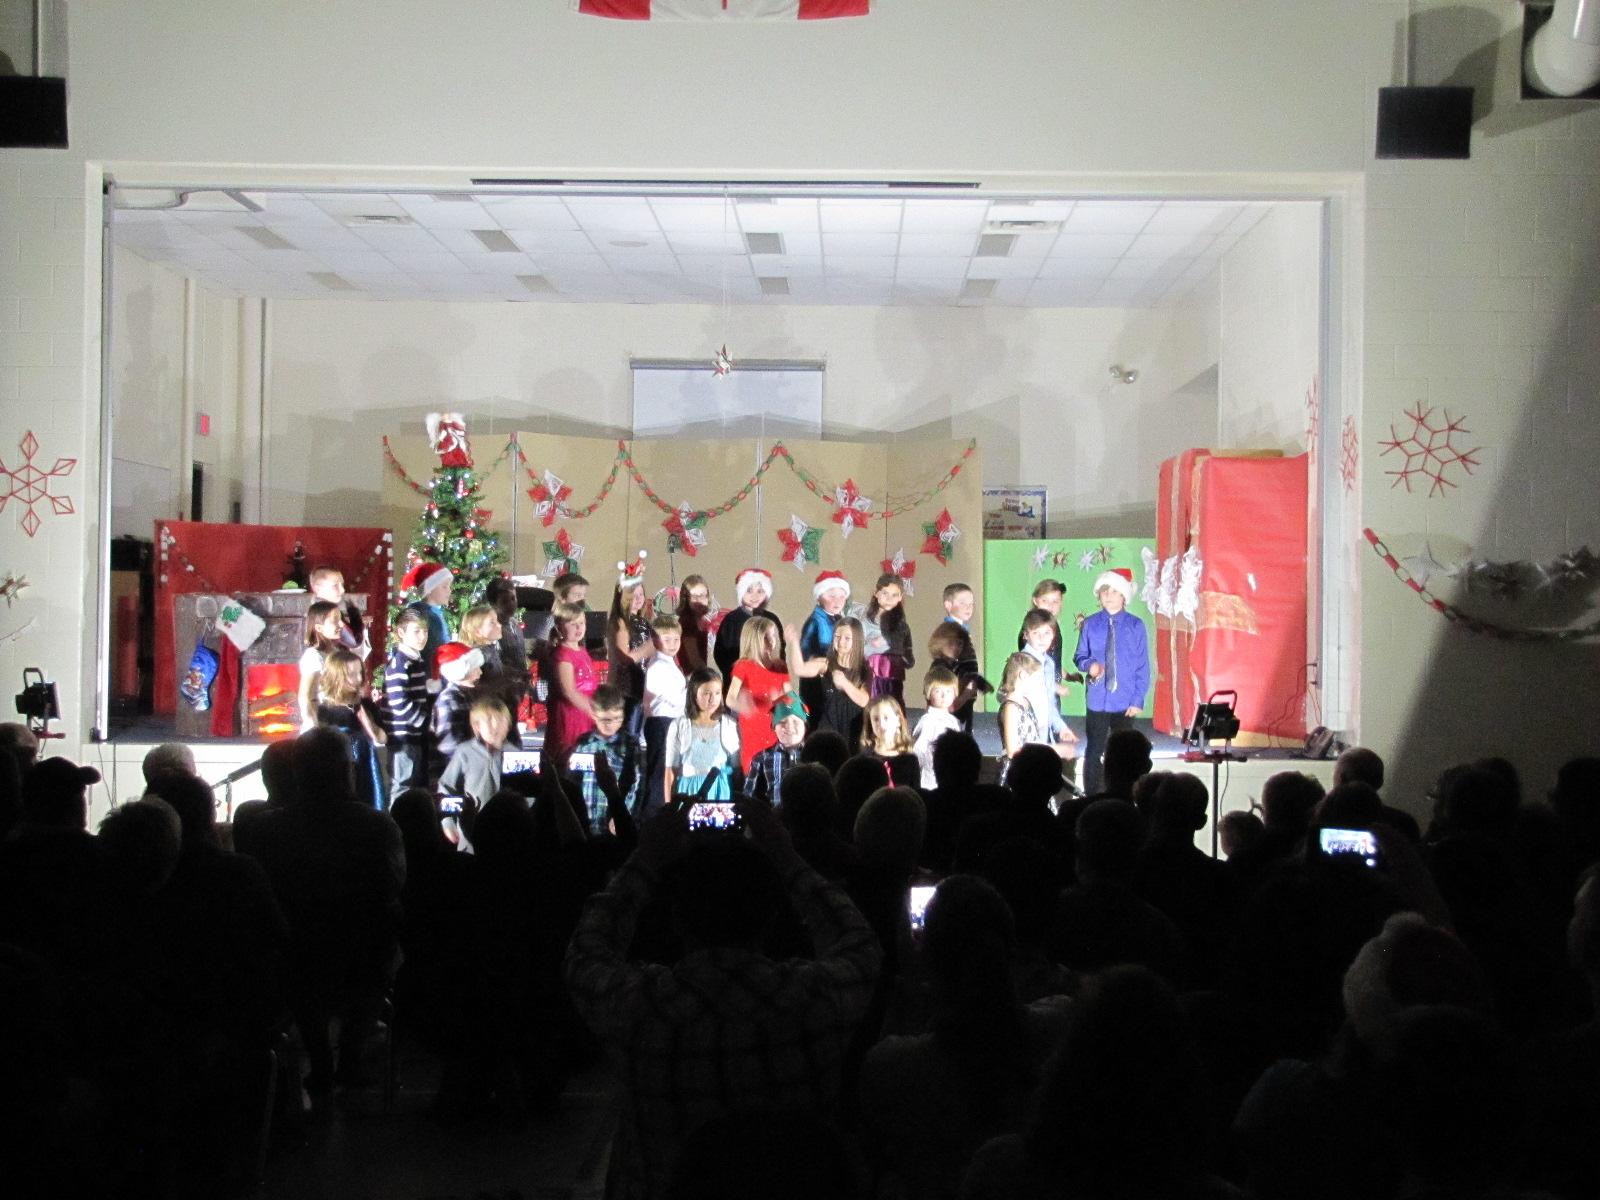 2014-12-17 TV School Christmas Concert 018